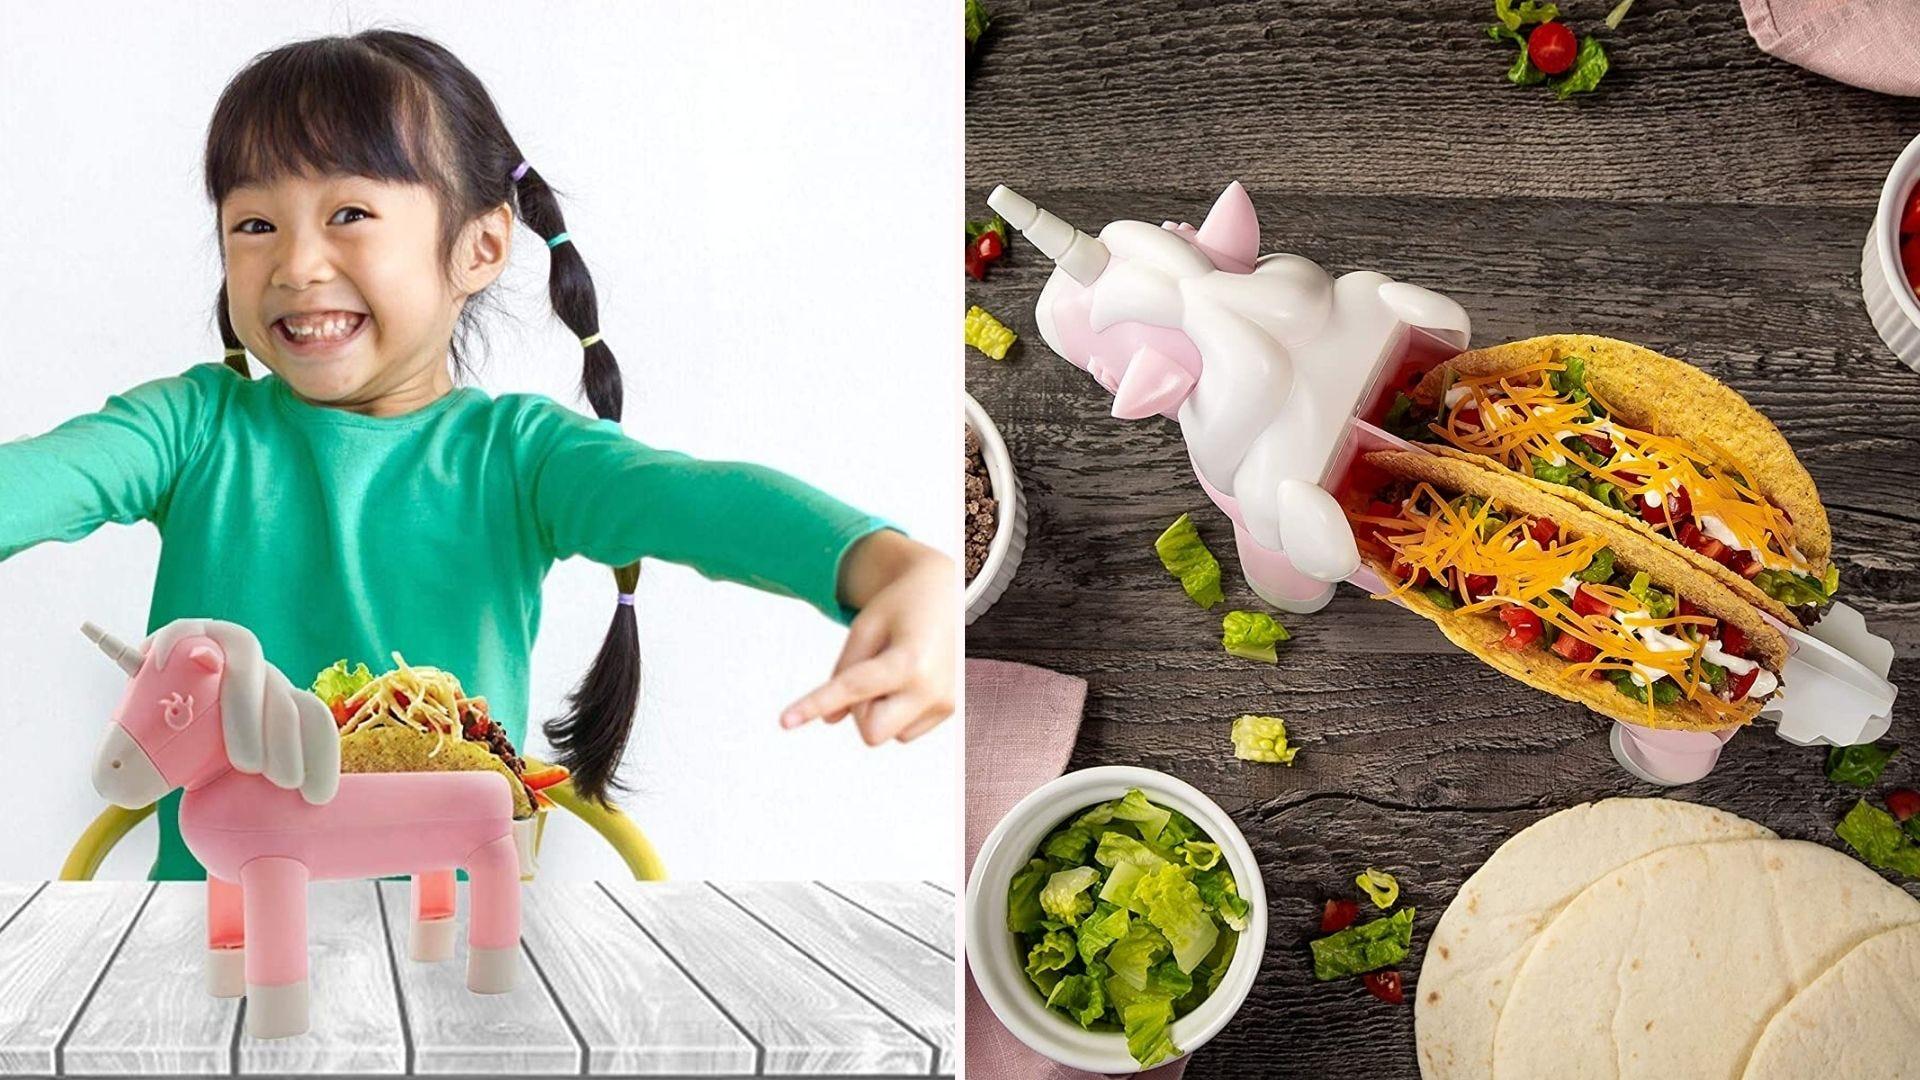 A child enjoying her unicorn taco holder and tacos.